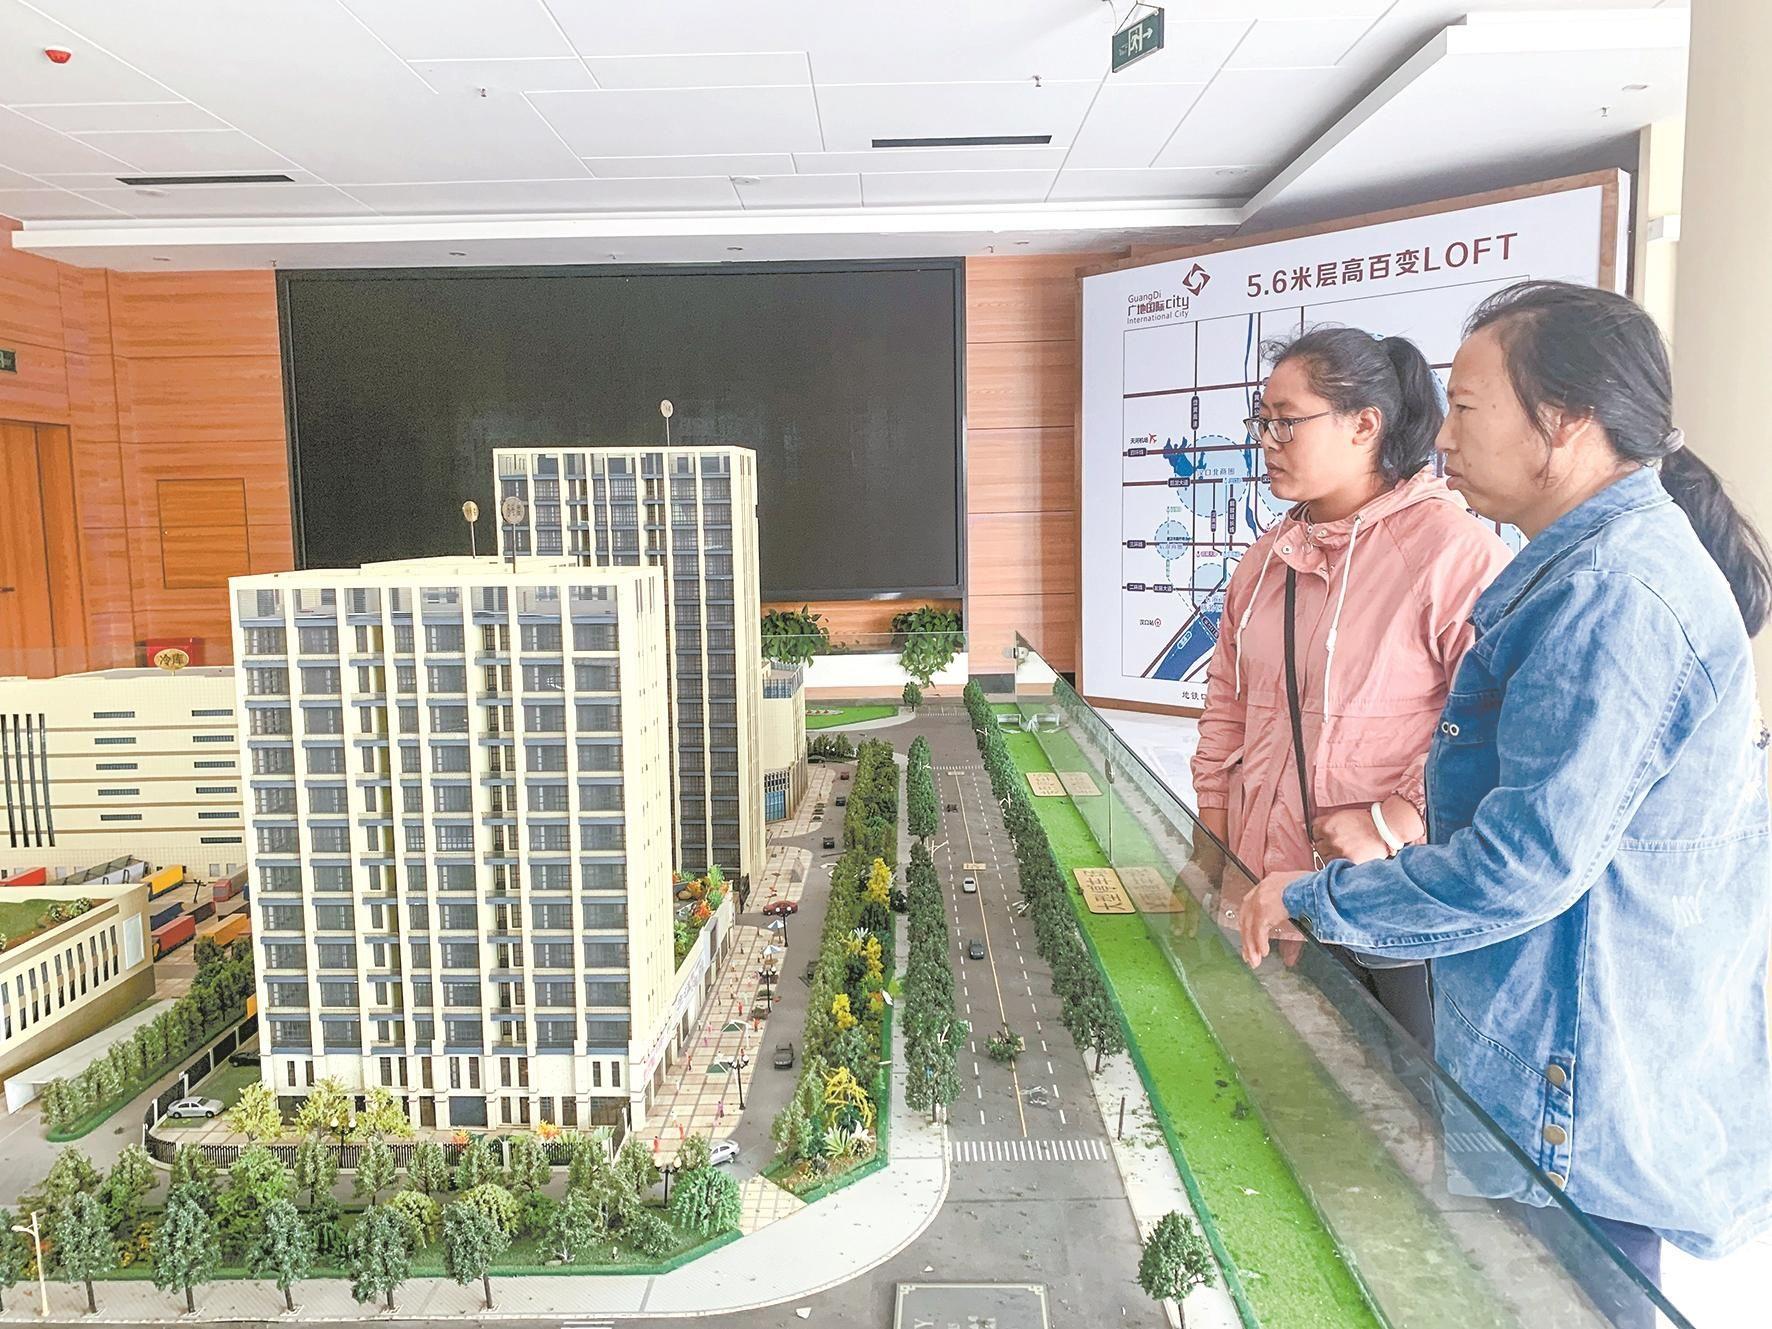 武湖广地国际city交房日期快到了楼盘还没动工 开发商迟迟不退购房款